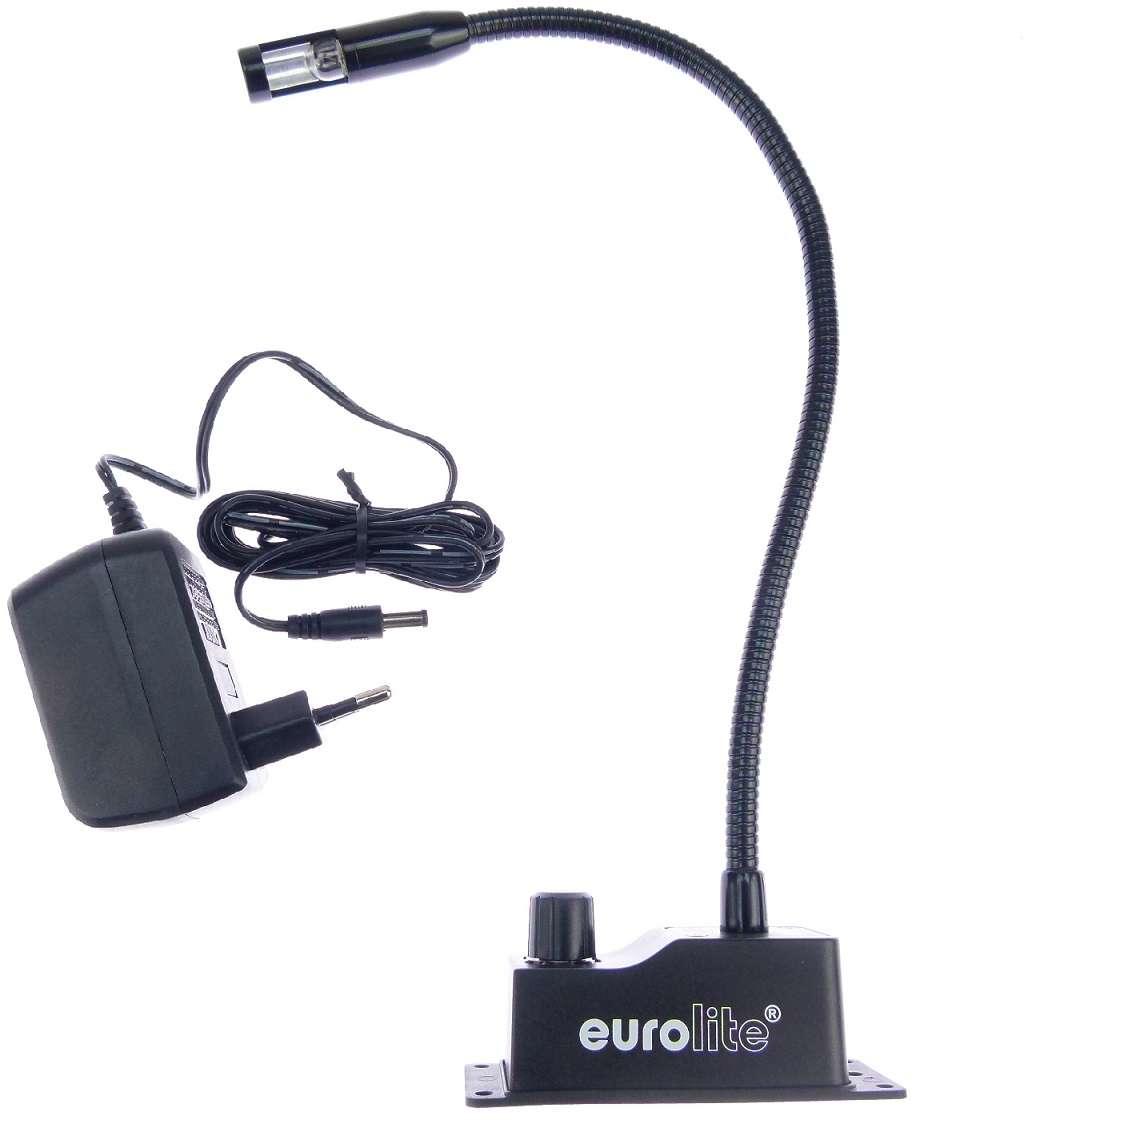 5w 230v notenpultlampe con zócalo para atornillar schwanenhalslampe lámpara de lectura